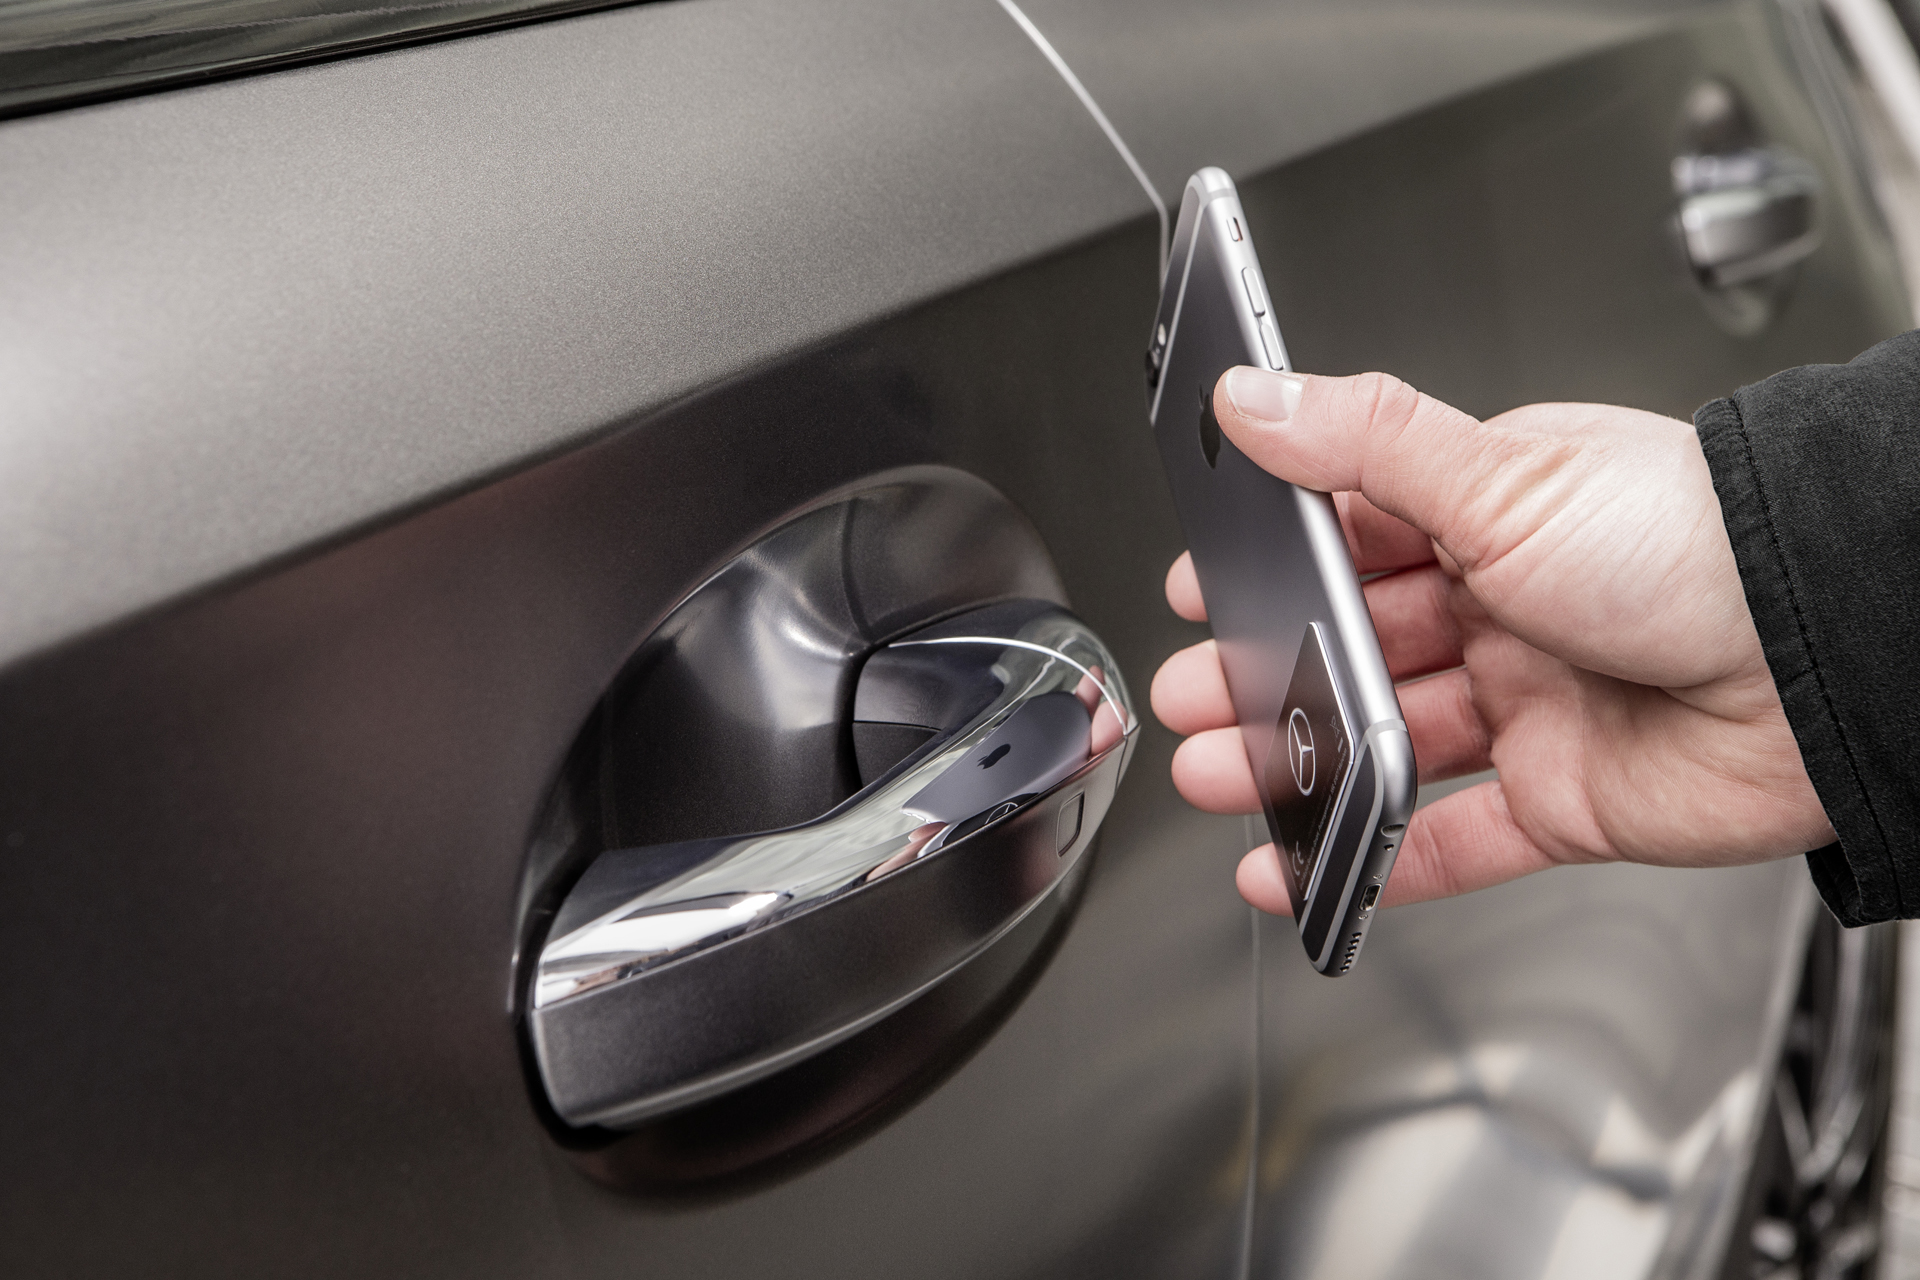 Moderner Zündschlüssel: Das Smartphone wird zum Ersatz. Gespeichert ist ein digitaler Schlüssel, den Fahrzeugsensoren erkennen.